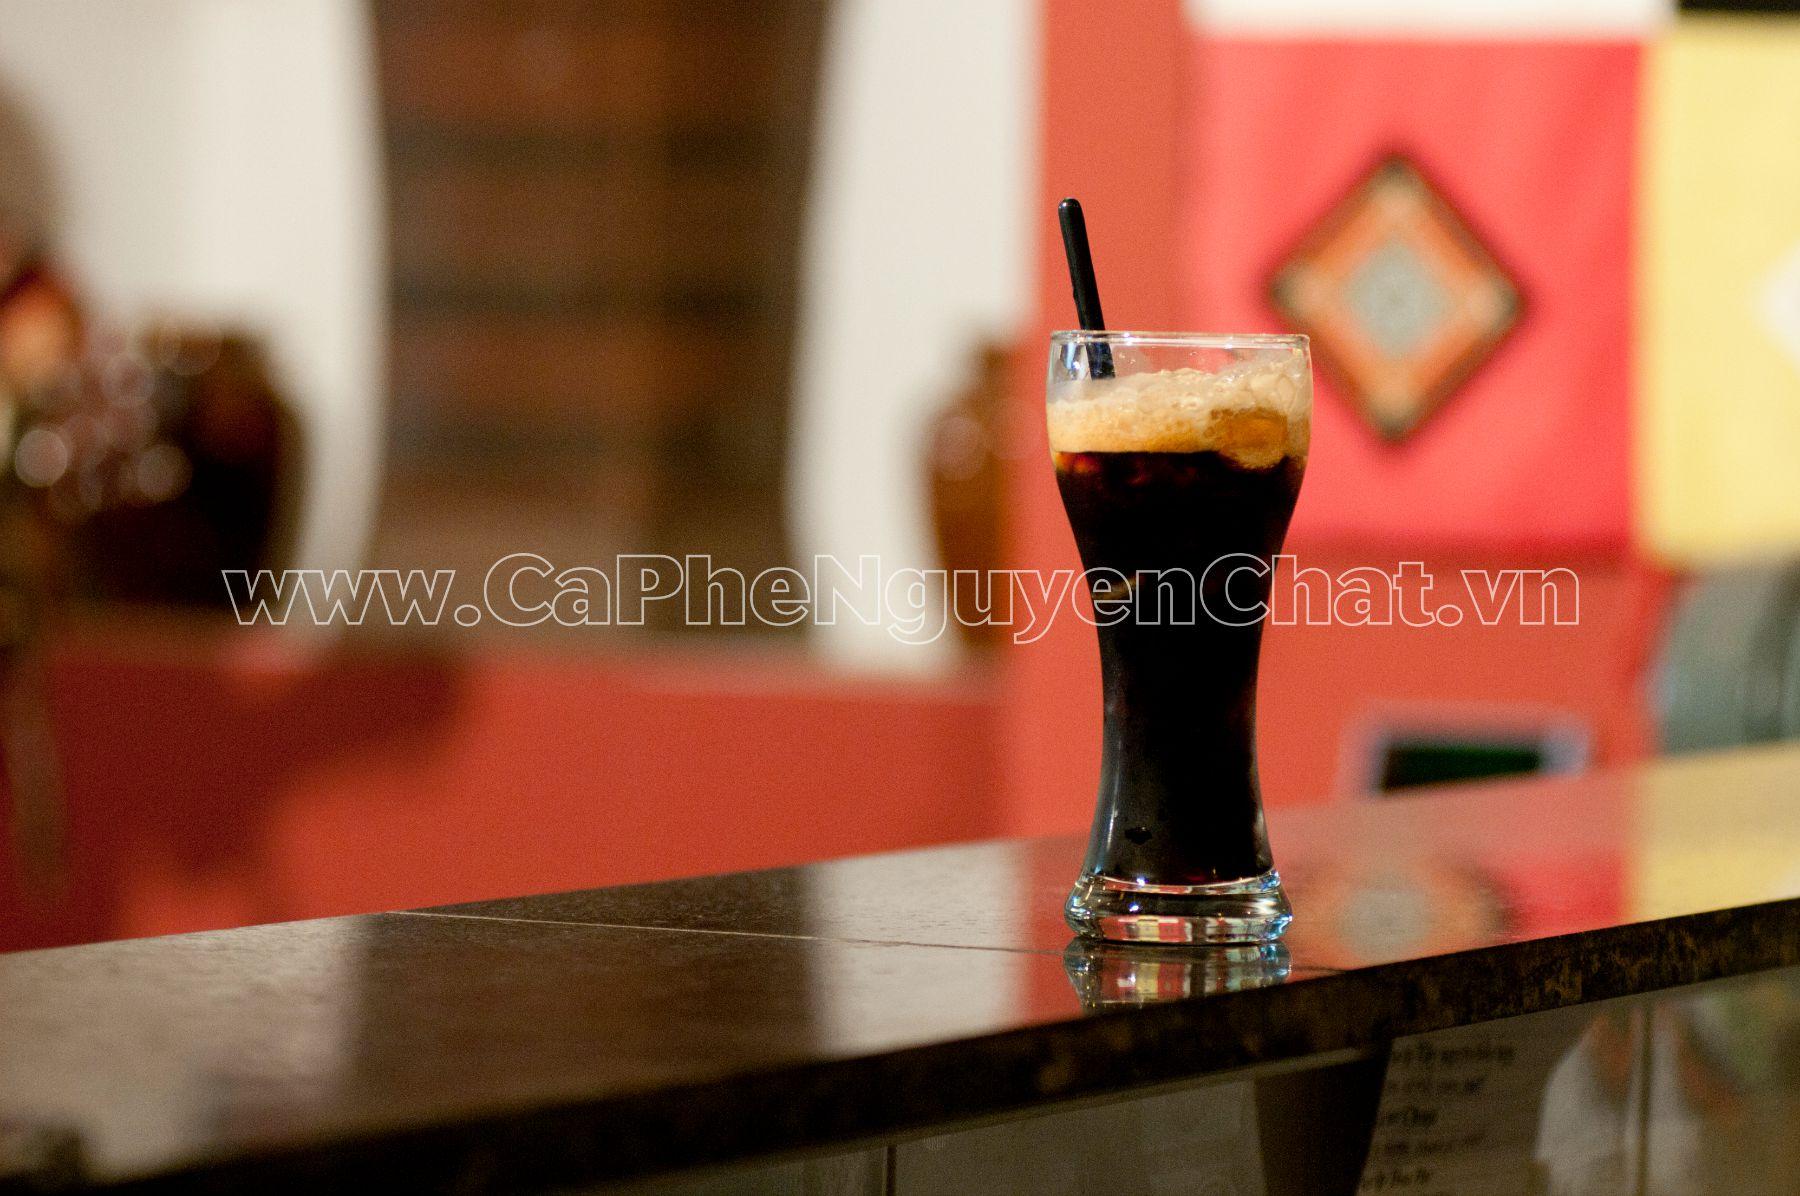 Uống cafe rang xay nguyên chất mỗi sáng